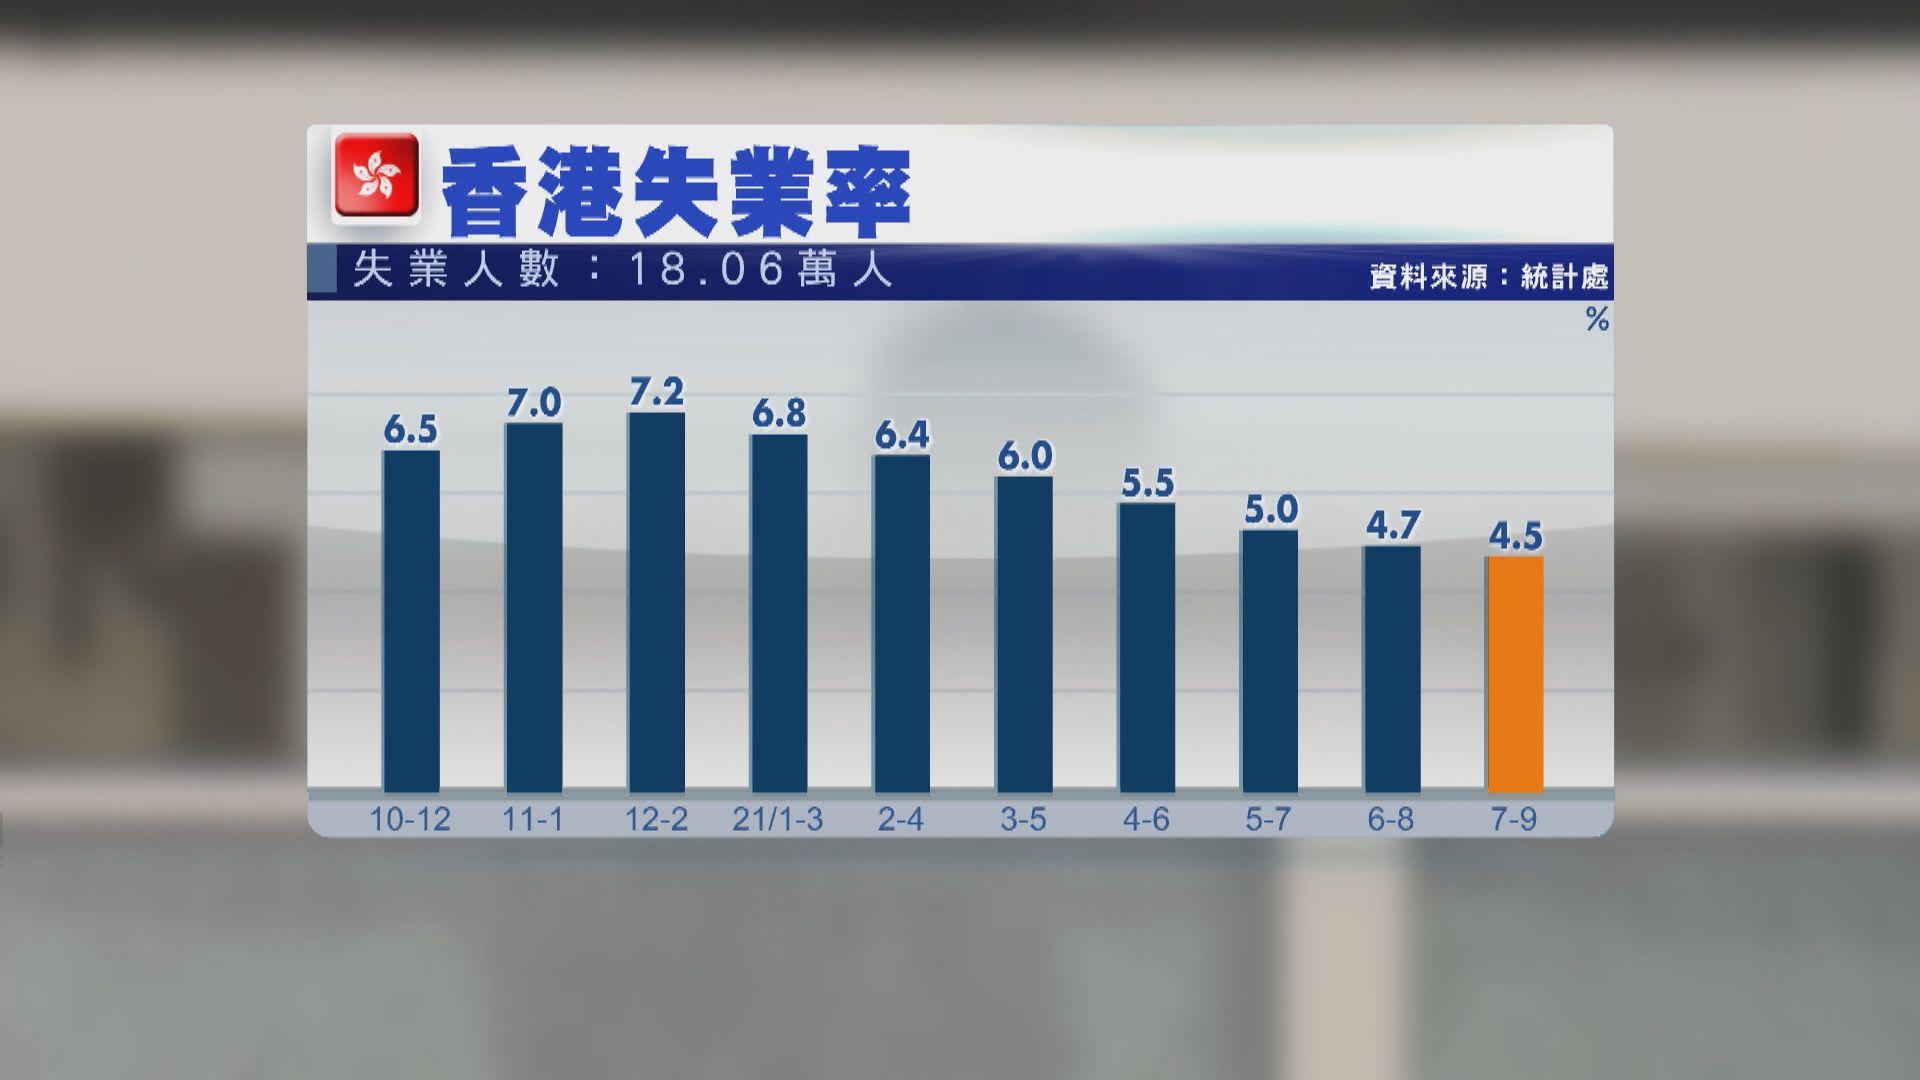 【年半低位】本港最新失業率4.5% 學者:通關前難再改善